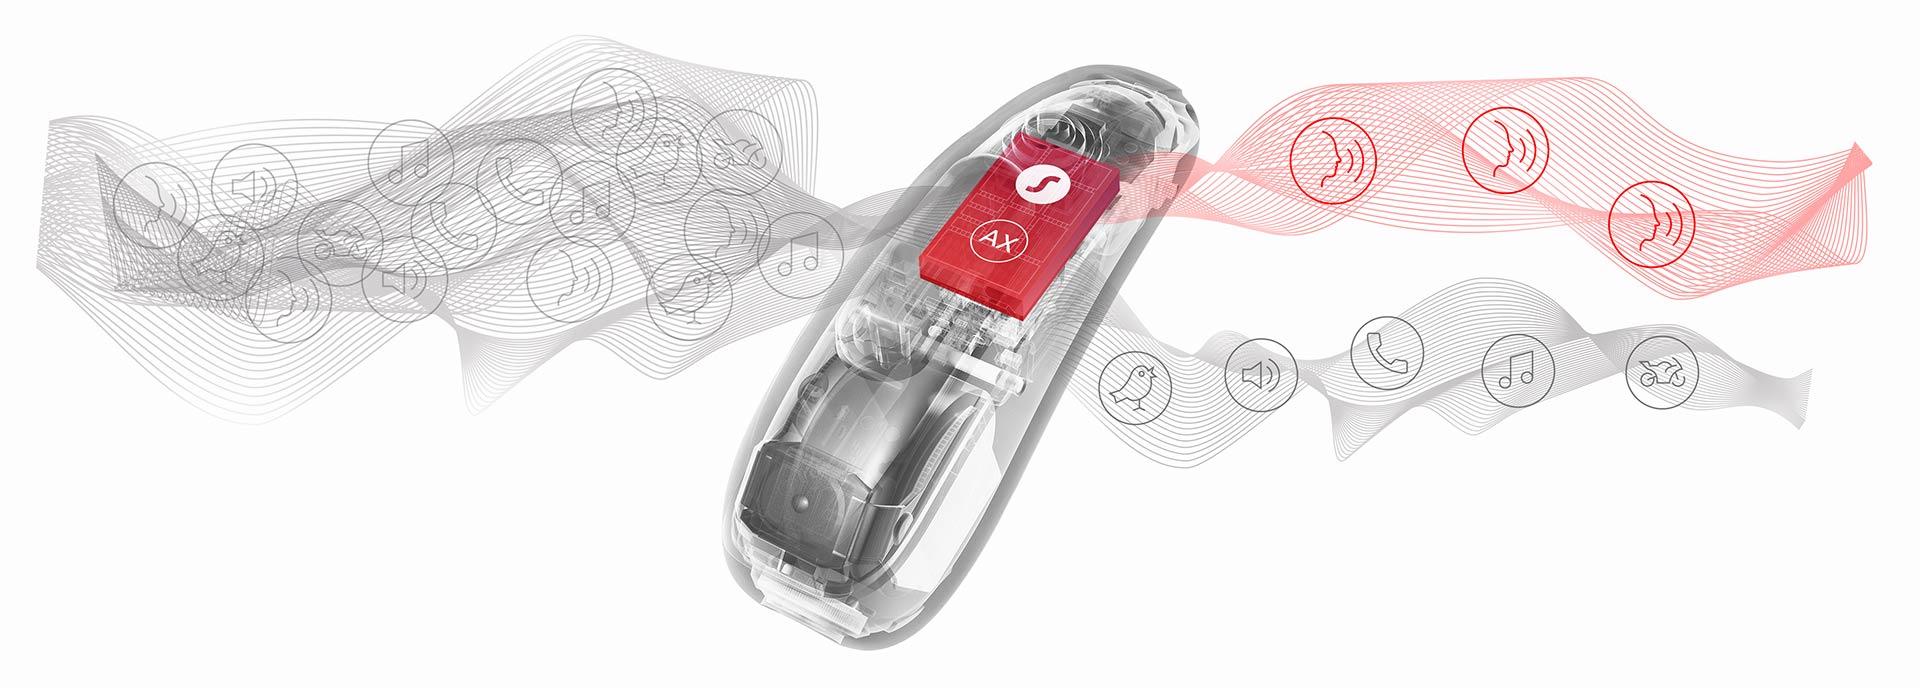 Насолоджуйтесь чудовим слухом, створеним спеціально для вас, зі слуховими апаратами Insio Charge & Go AX від Signia. - Фото №1